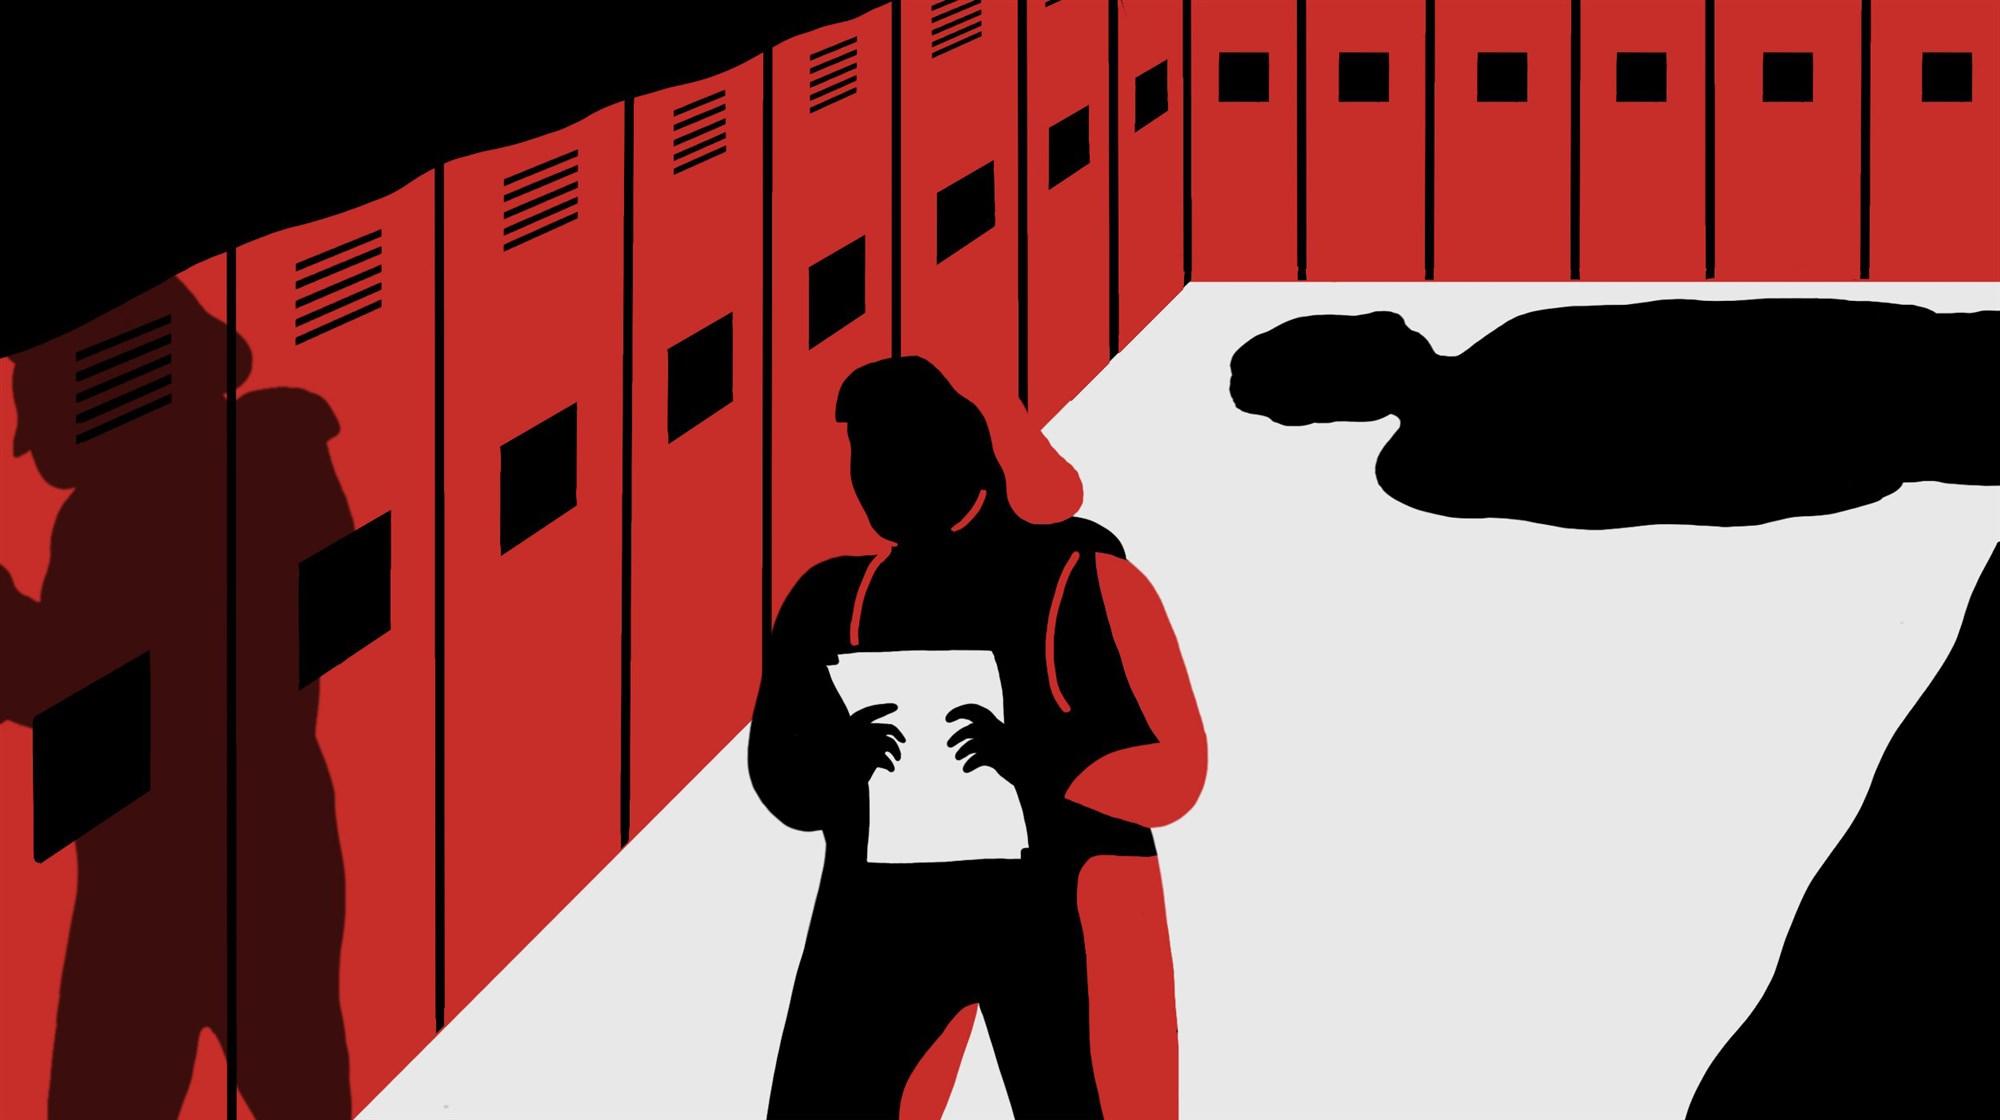 عقوبة التحرش الجنسي في امريكا